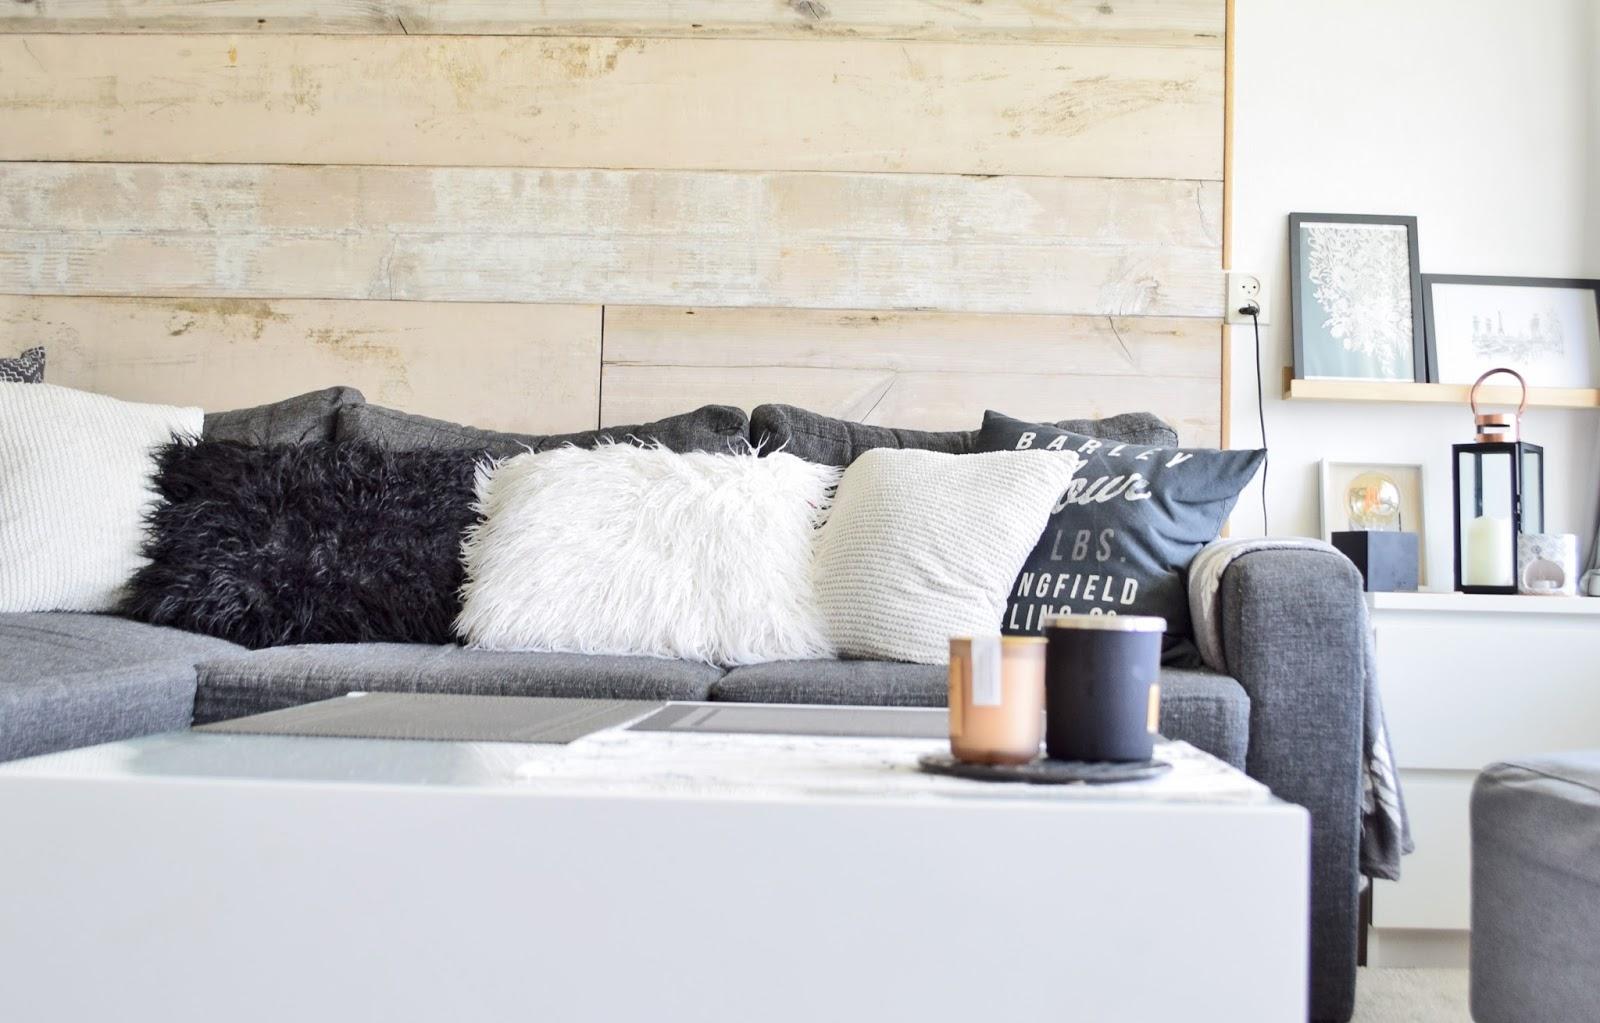 dekoracyjne poduszki na kanapie